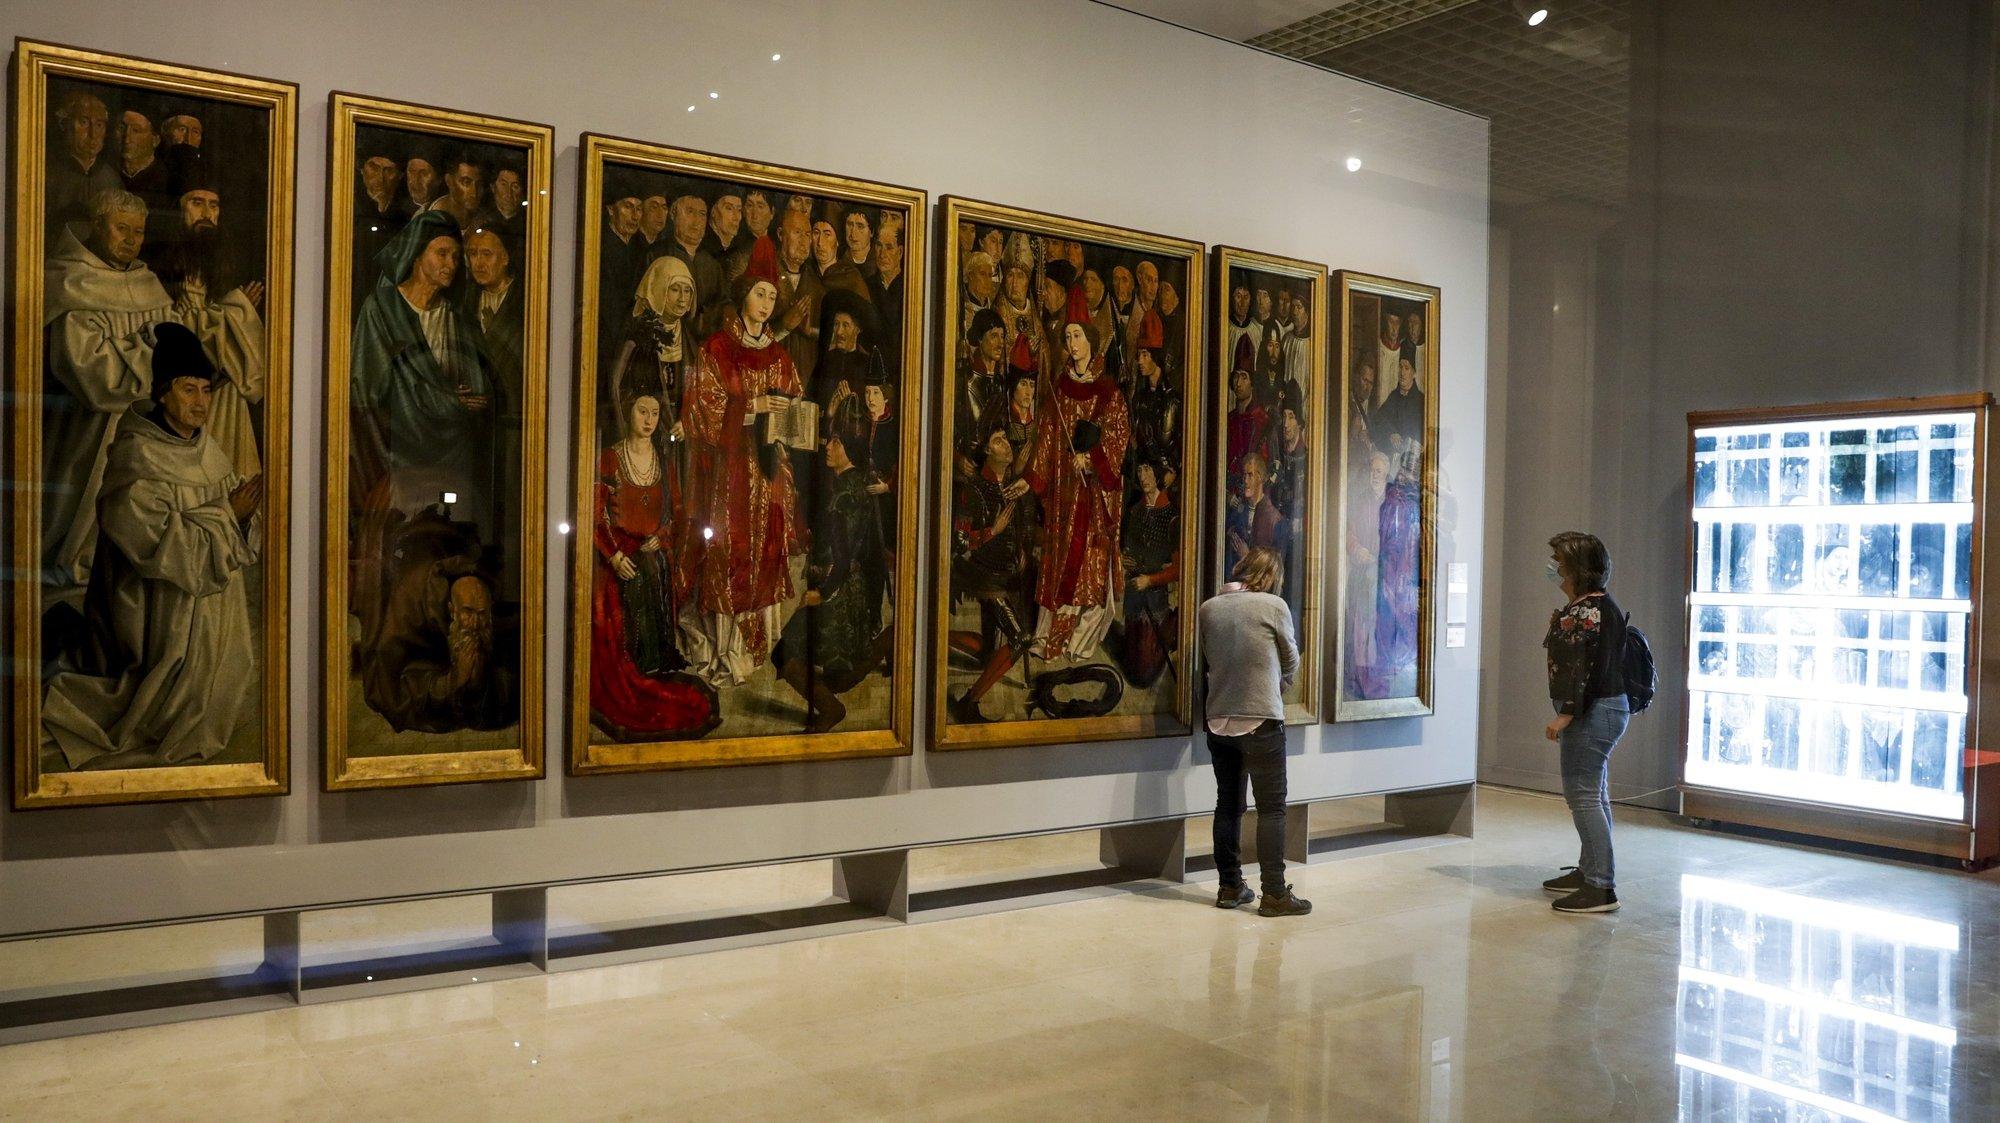 """Técnicos de restauro observam o espaço de restauro dos """"Painéis de São Vicente"""" no Museu Nacional de Arte Antiga, no Dia Internacional dos Museus em Lisboa, 18 de maio de 2020. TIAGO PETINGA/LUSA"""